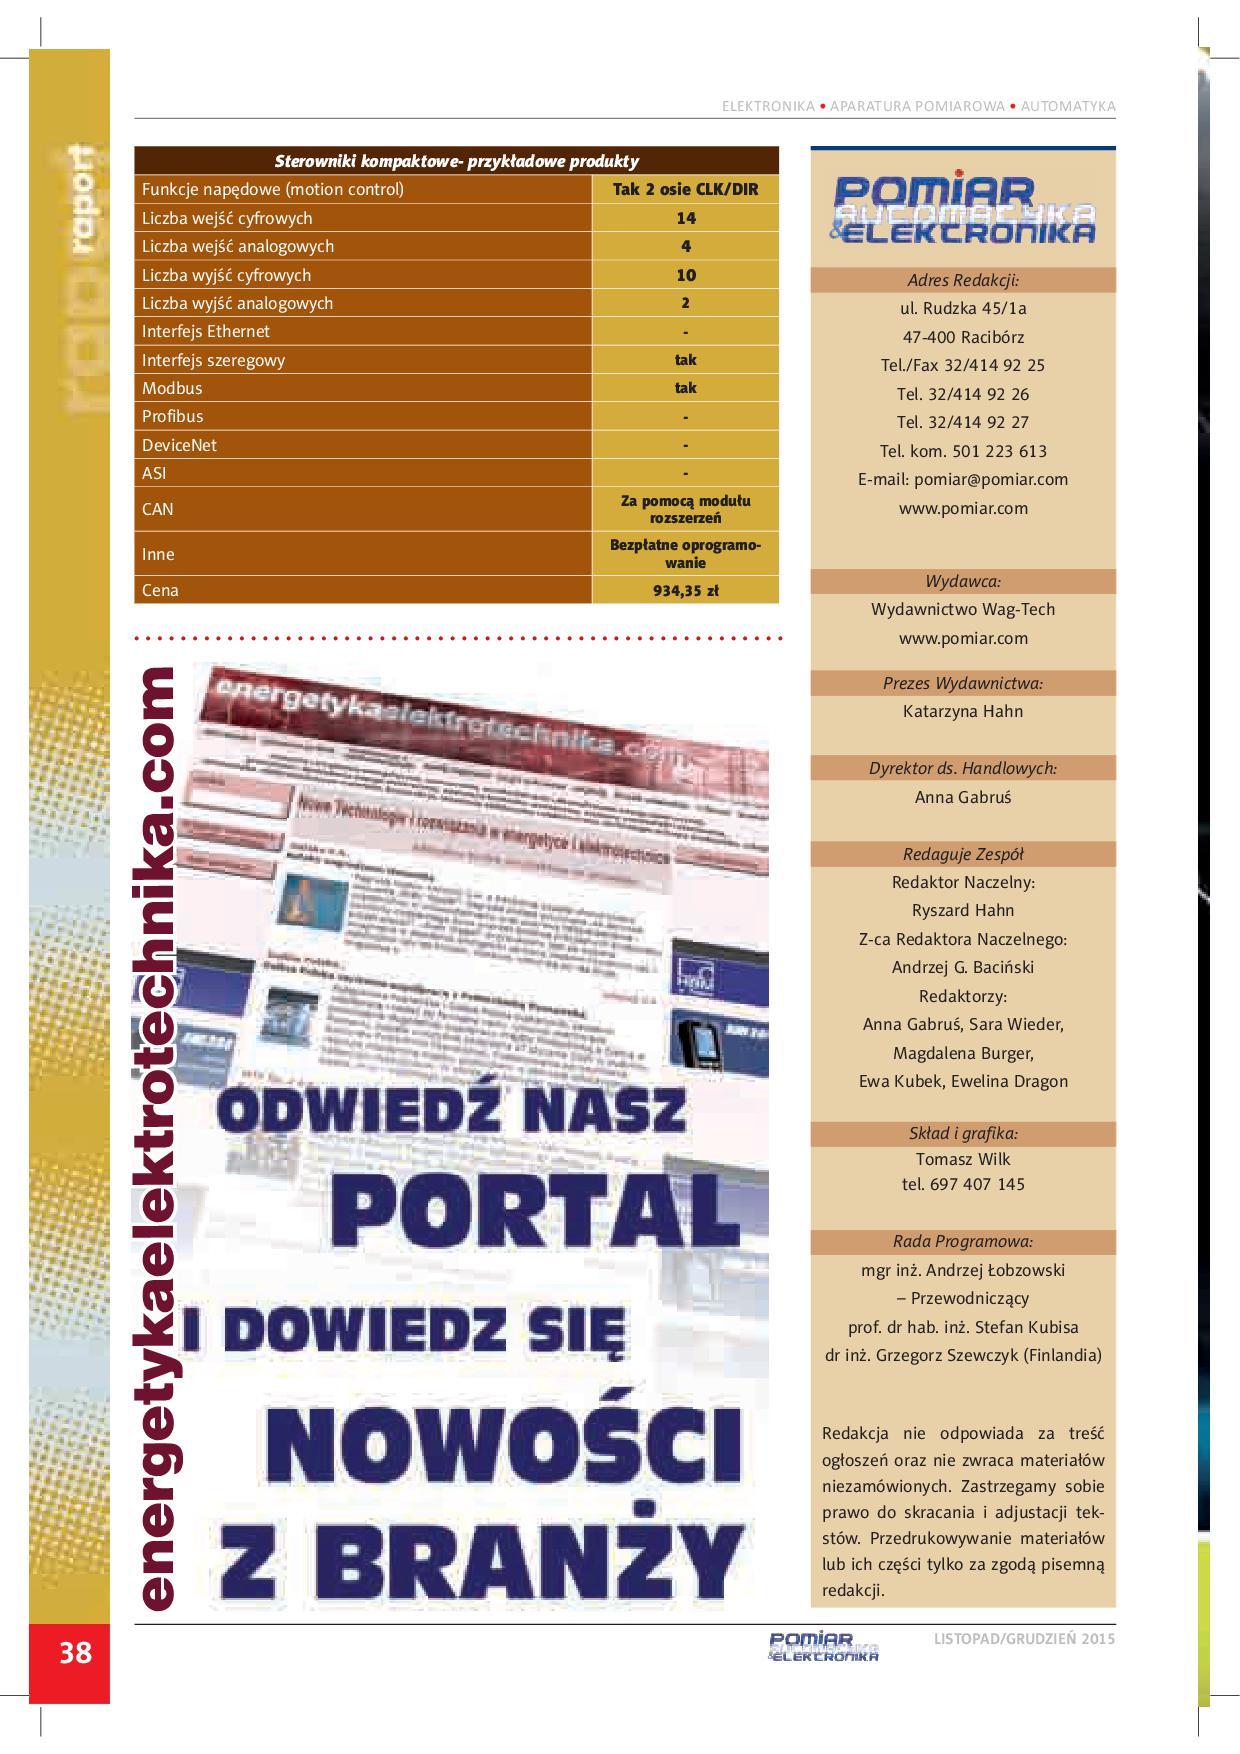 Pomiar_6_2015_prev1.pdf38.jpg